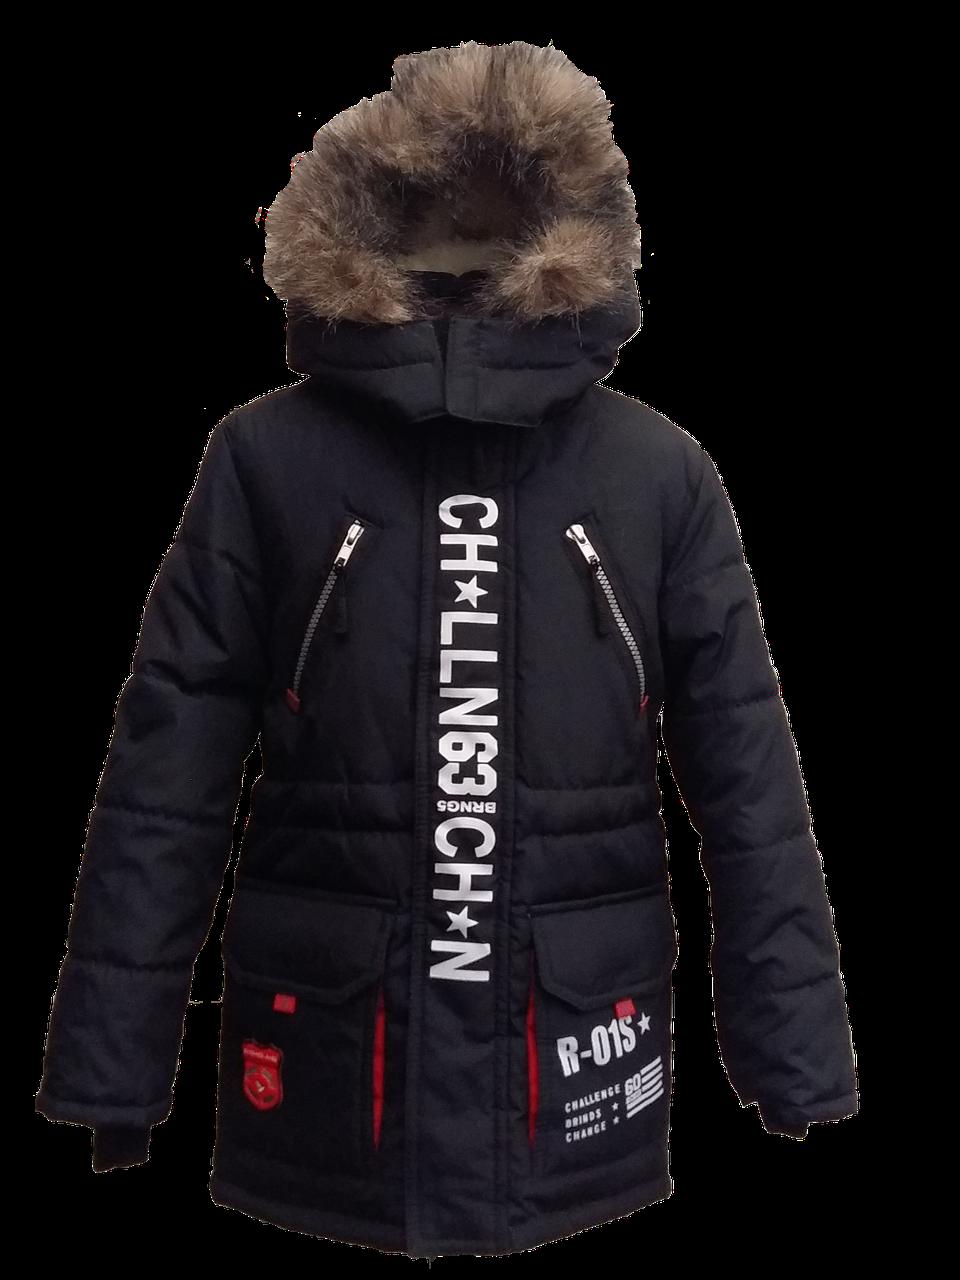 f718fb9a29b Куртка зимняя с капюшоном на мальчика 12333 - Магазин детской одежды